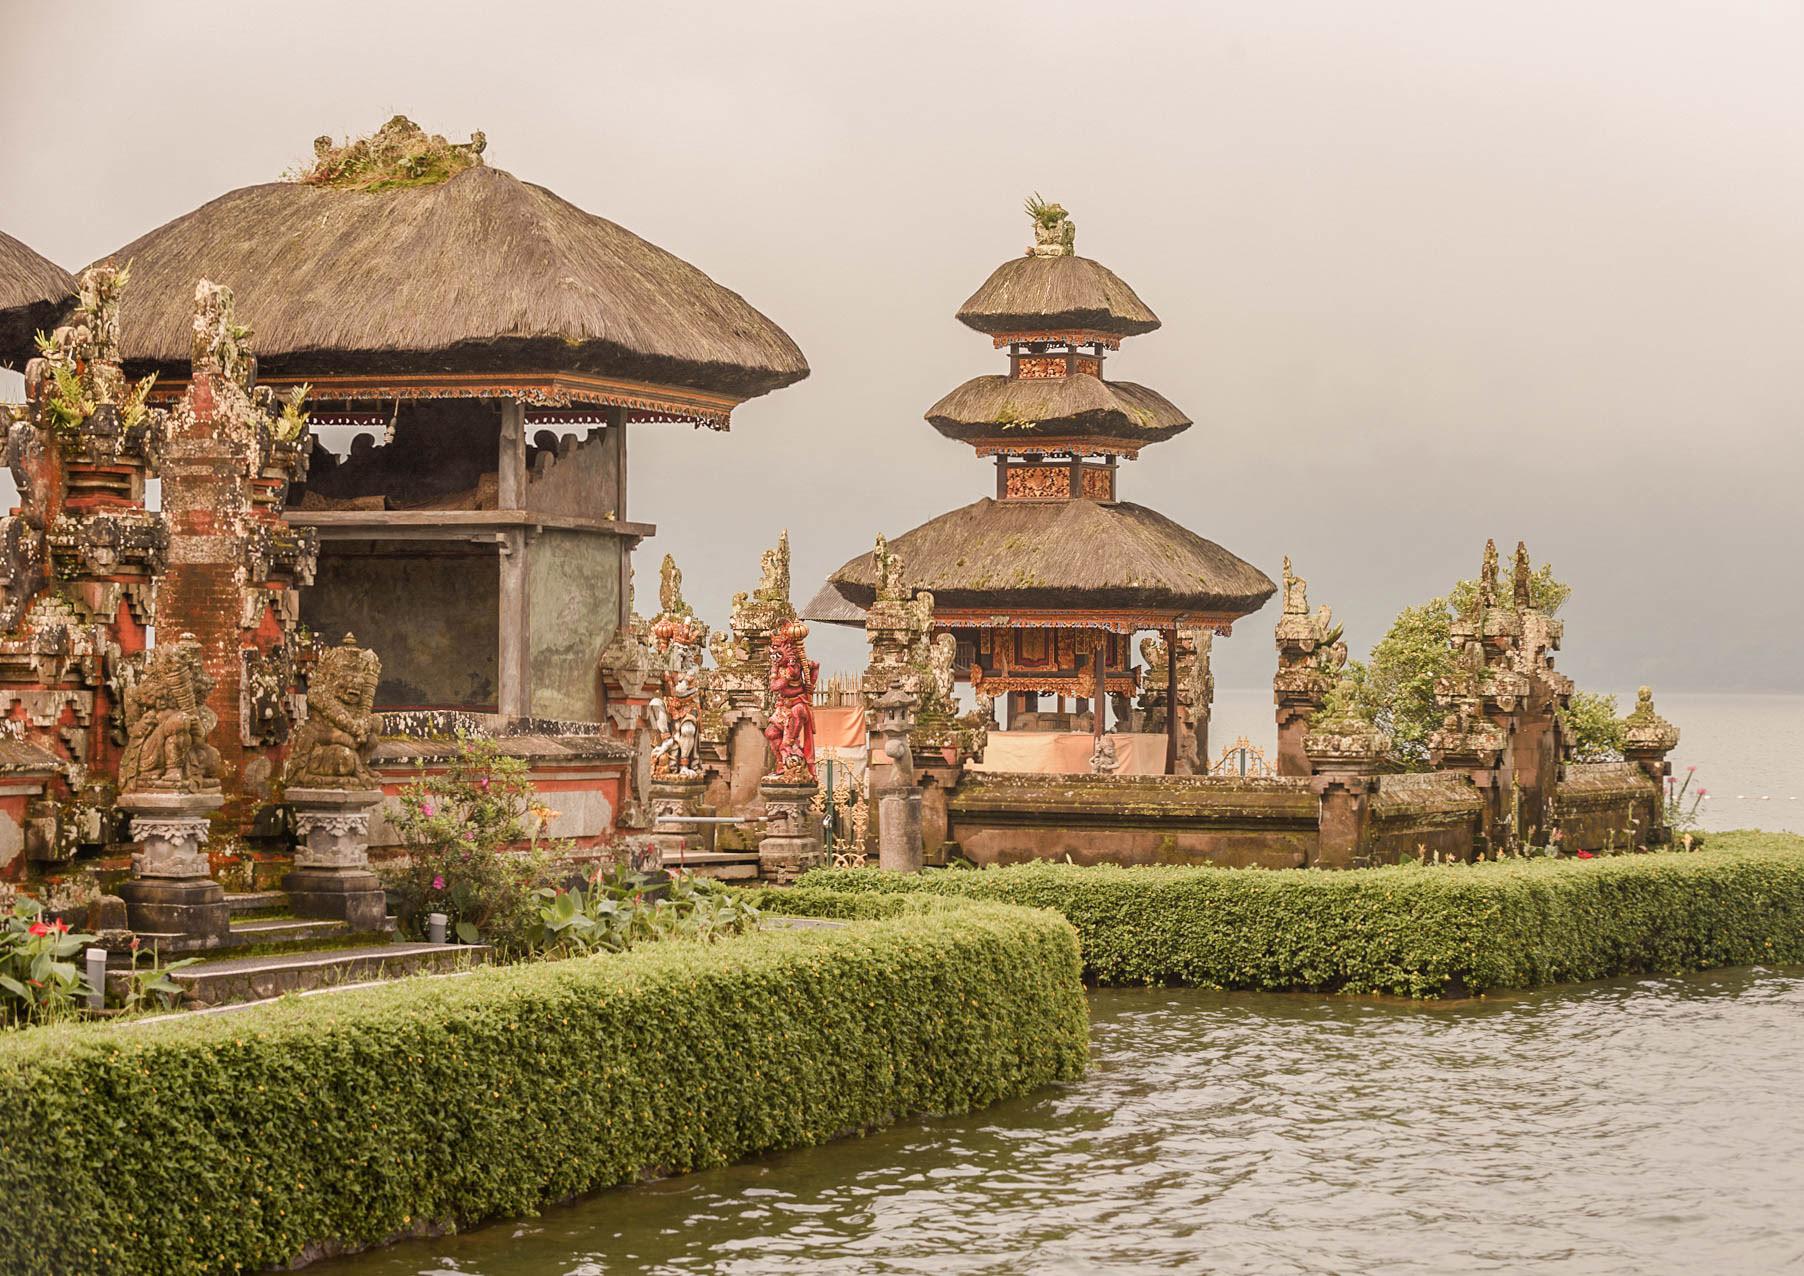 Co warto zobaczyć w Indonezji - Bali - blog podrozniczy